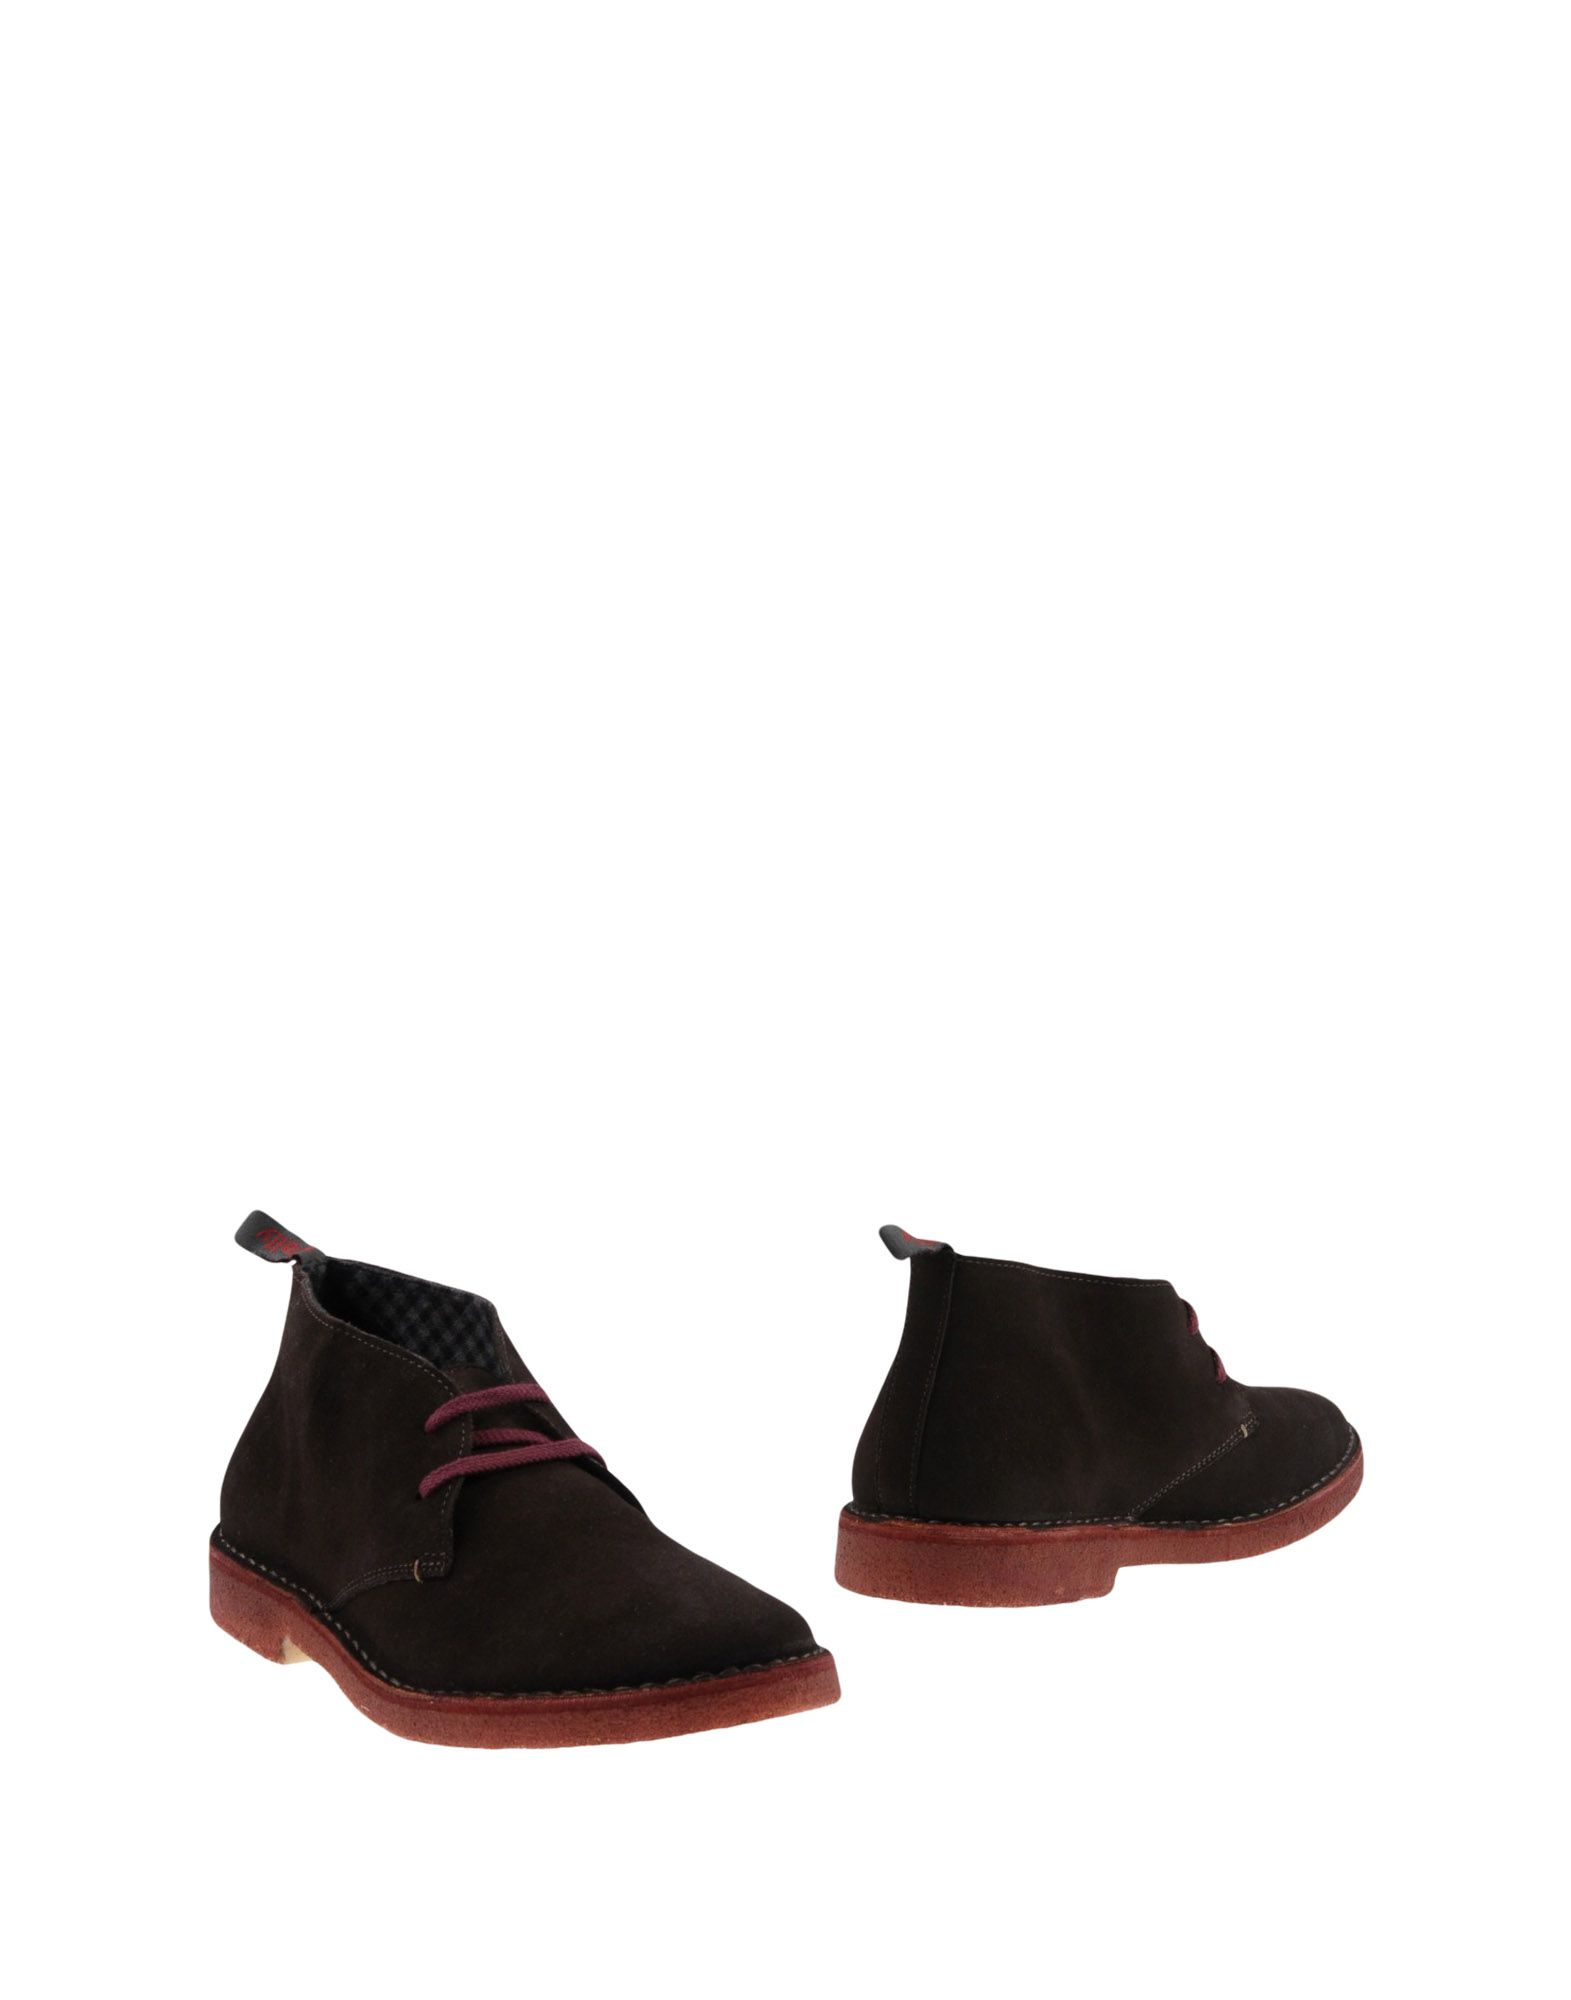 Rabatt echte Schuhe  Wally Walker Stiefelette Herren  Schuhe 11434263JW a3e5ee